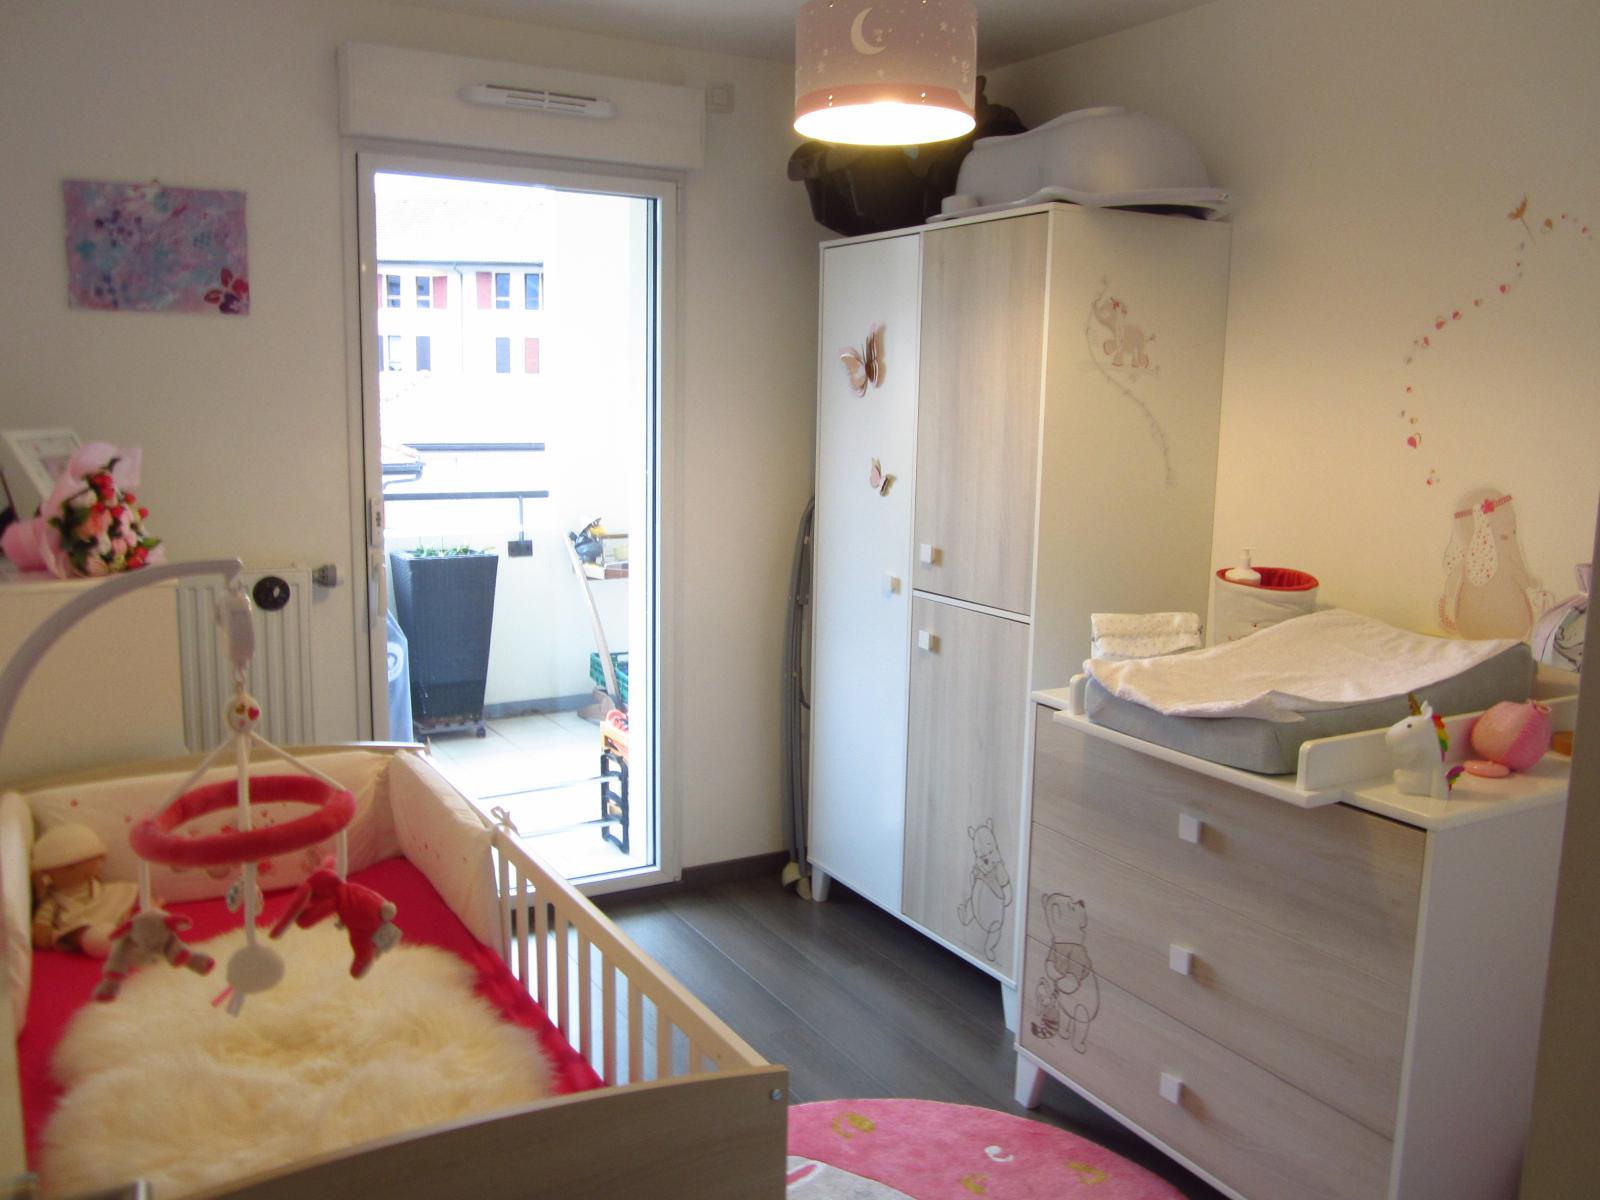 EXCLUSIVITE Archamps Appartement T3 contemporain de 67 m²  avec terrasse de 17 m² expo Sud Ouest... SOUS COMPROMIS